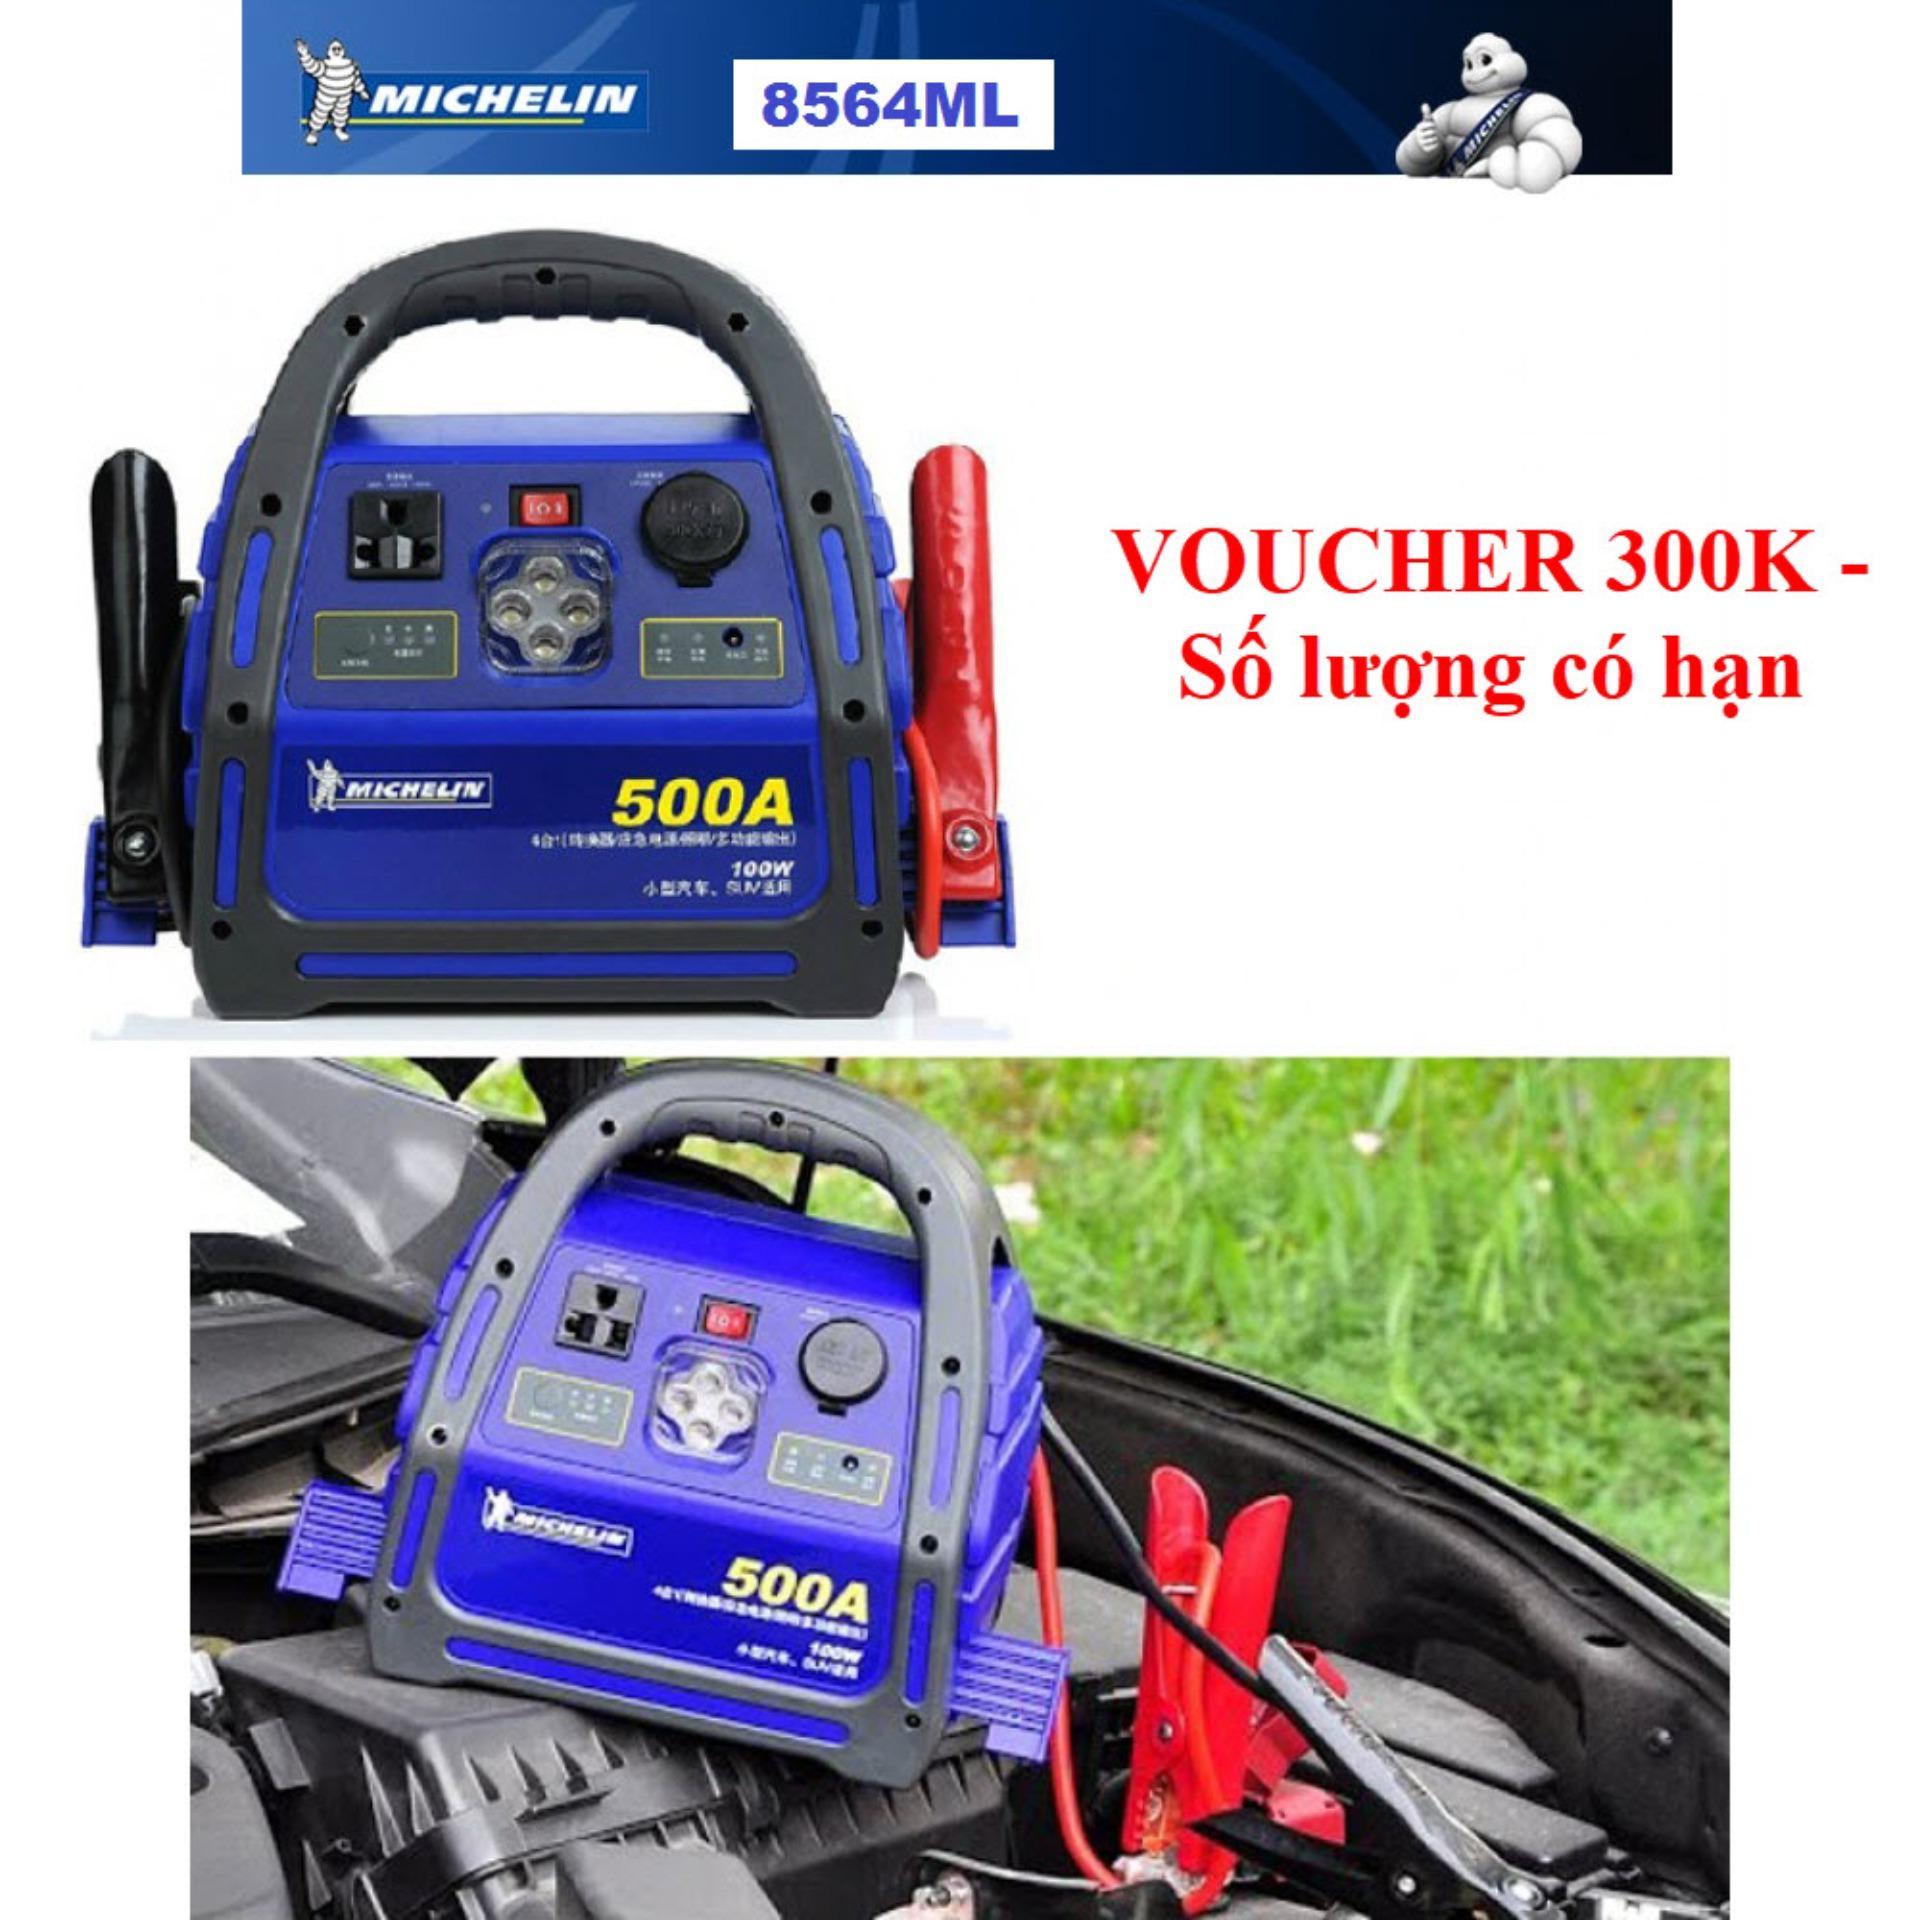 Bộ Kích nổ ô tô chuyên dụng Michelin 8564ML 500A (Hàng công ty nhập khẩu và phân phối) - Bảo hành 12 tháng